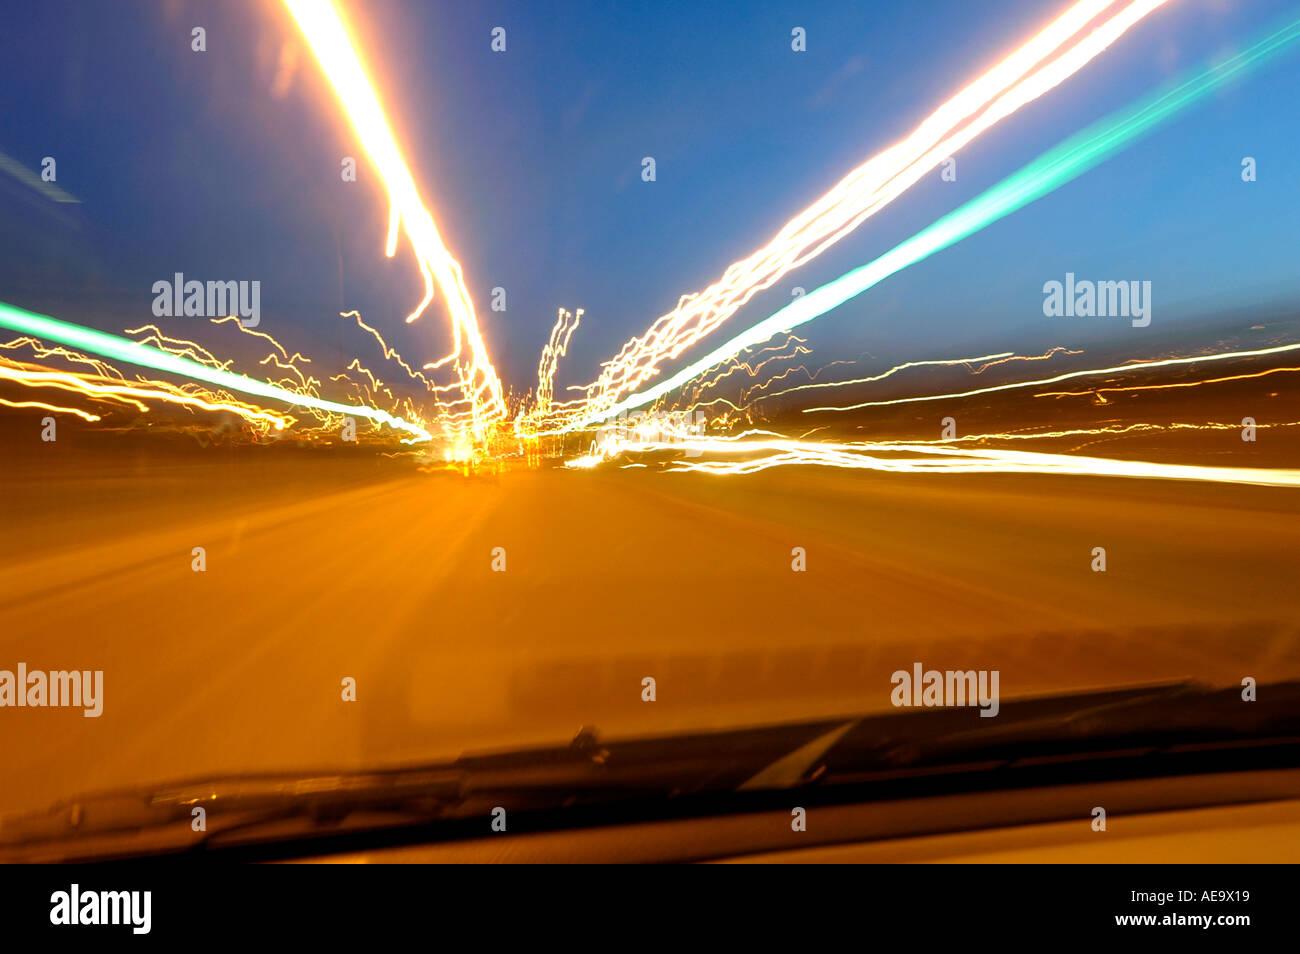 Voiture, trafic, sentiers, routes, nuit, graphique, Couleur, blues, intense, voyage, moderne, des voitures, des stries, des transports, de la vitesse, flou, moti Photo Stock